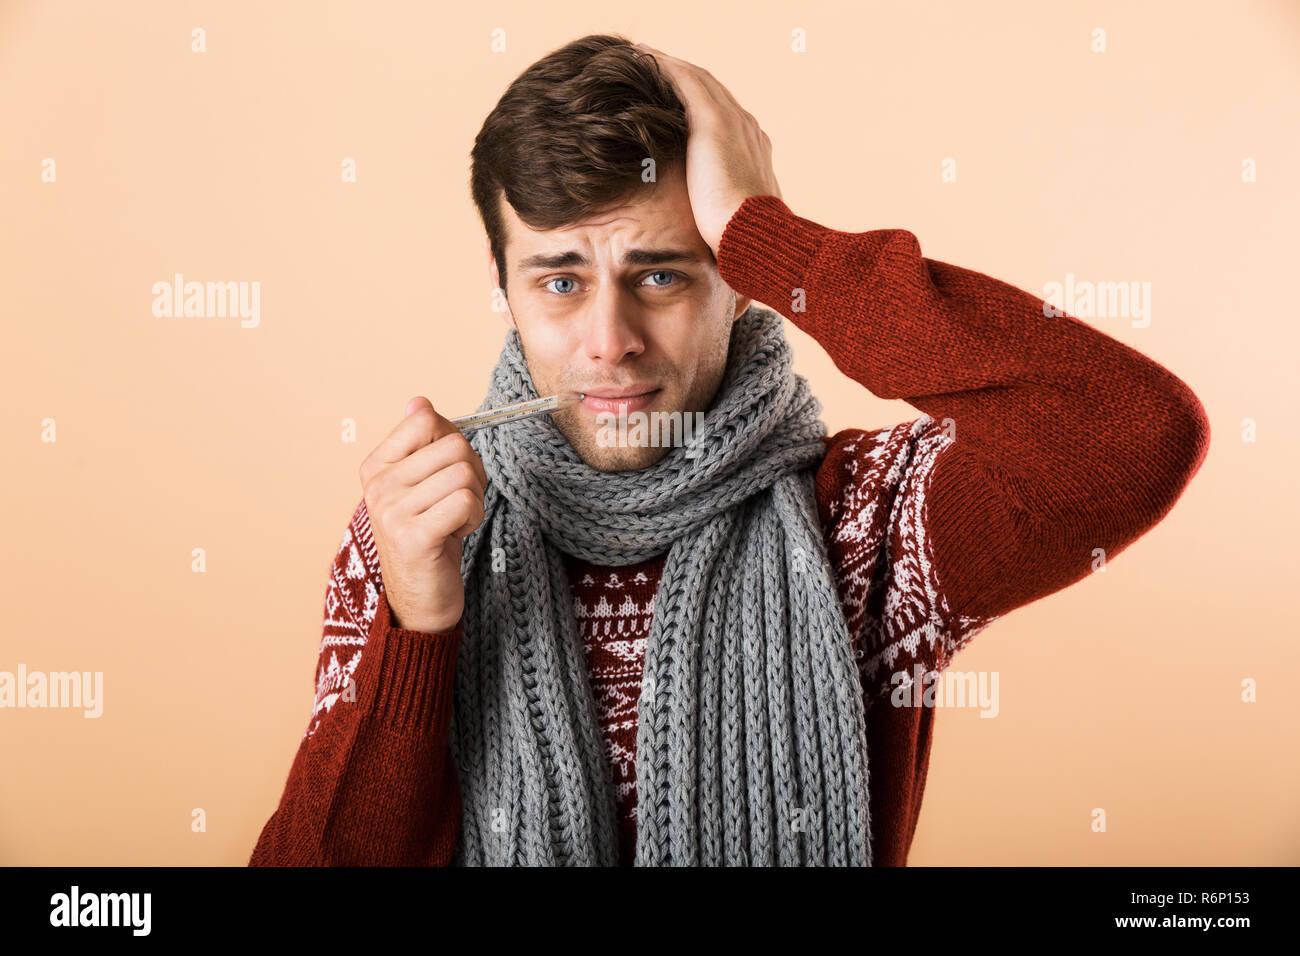 ba804246d7cd Portrait d un jeune homme malade habillé en chandail et isolé sur fond  beige écharpe